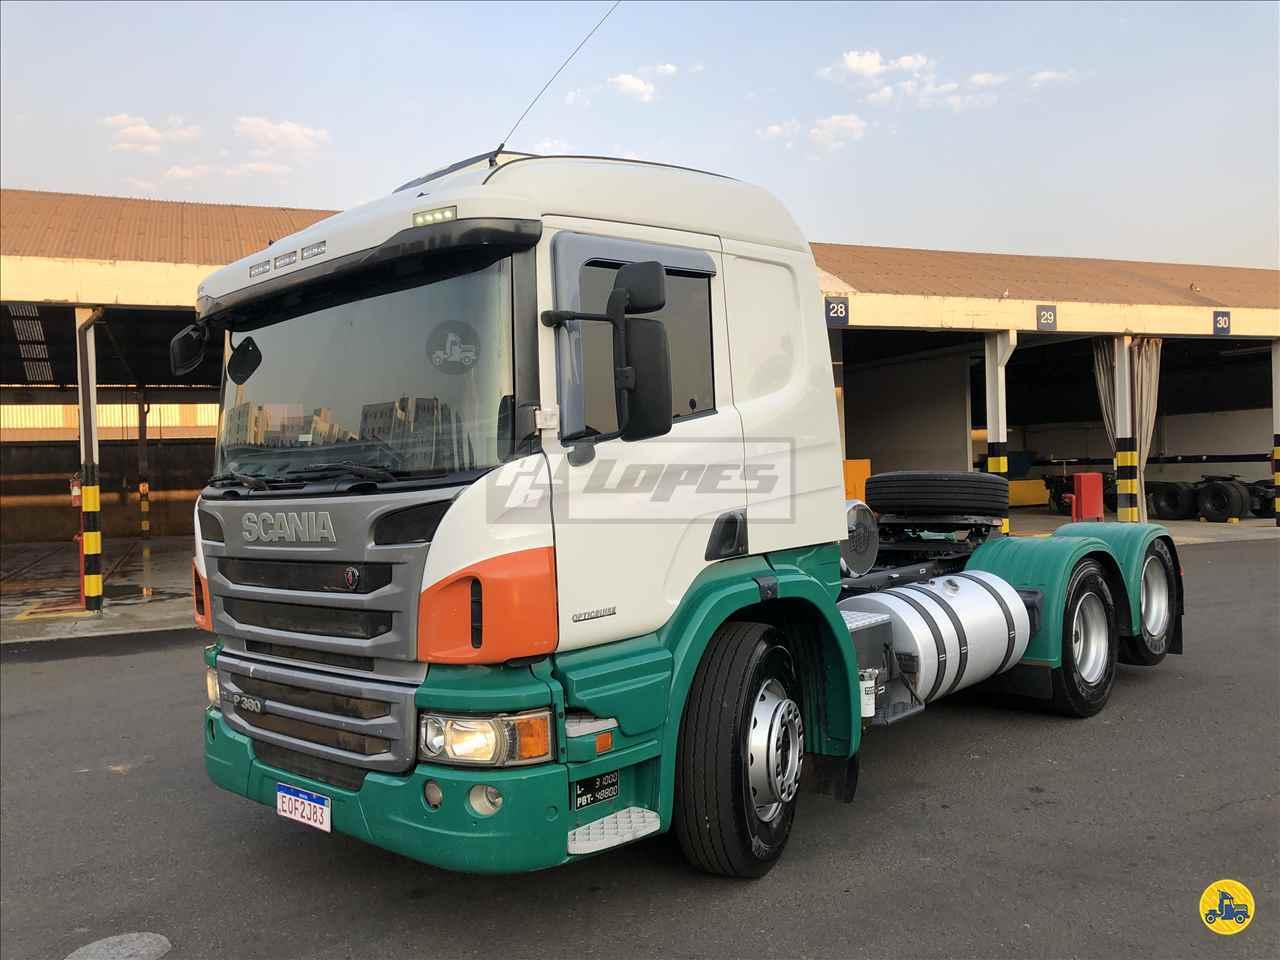 CAMINHAO SCANIA SCANIA P360 Cavalo Mecânico Truck 6x2 P.B. Lopes - Scania MARINGA PARANÁ PR